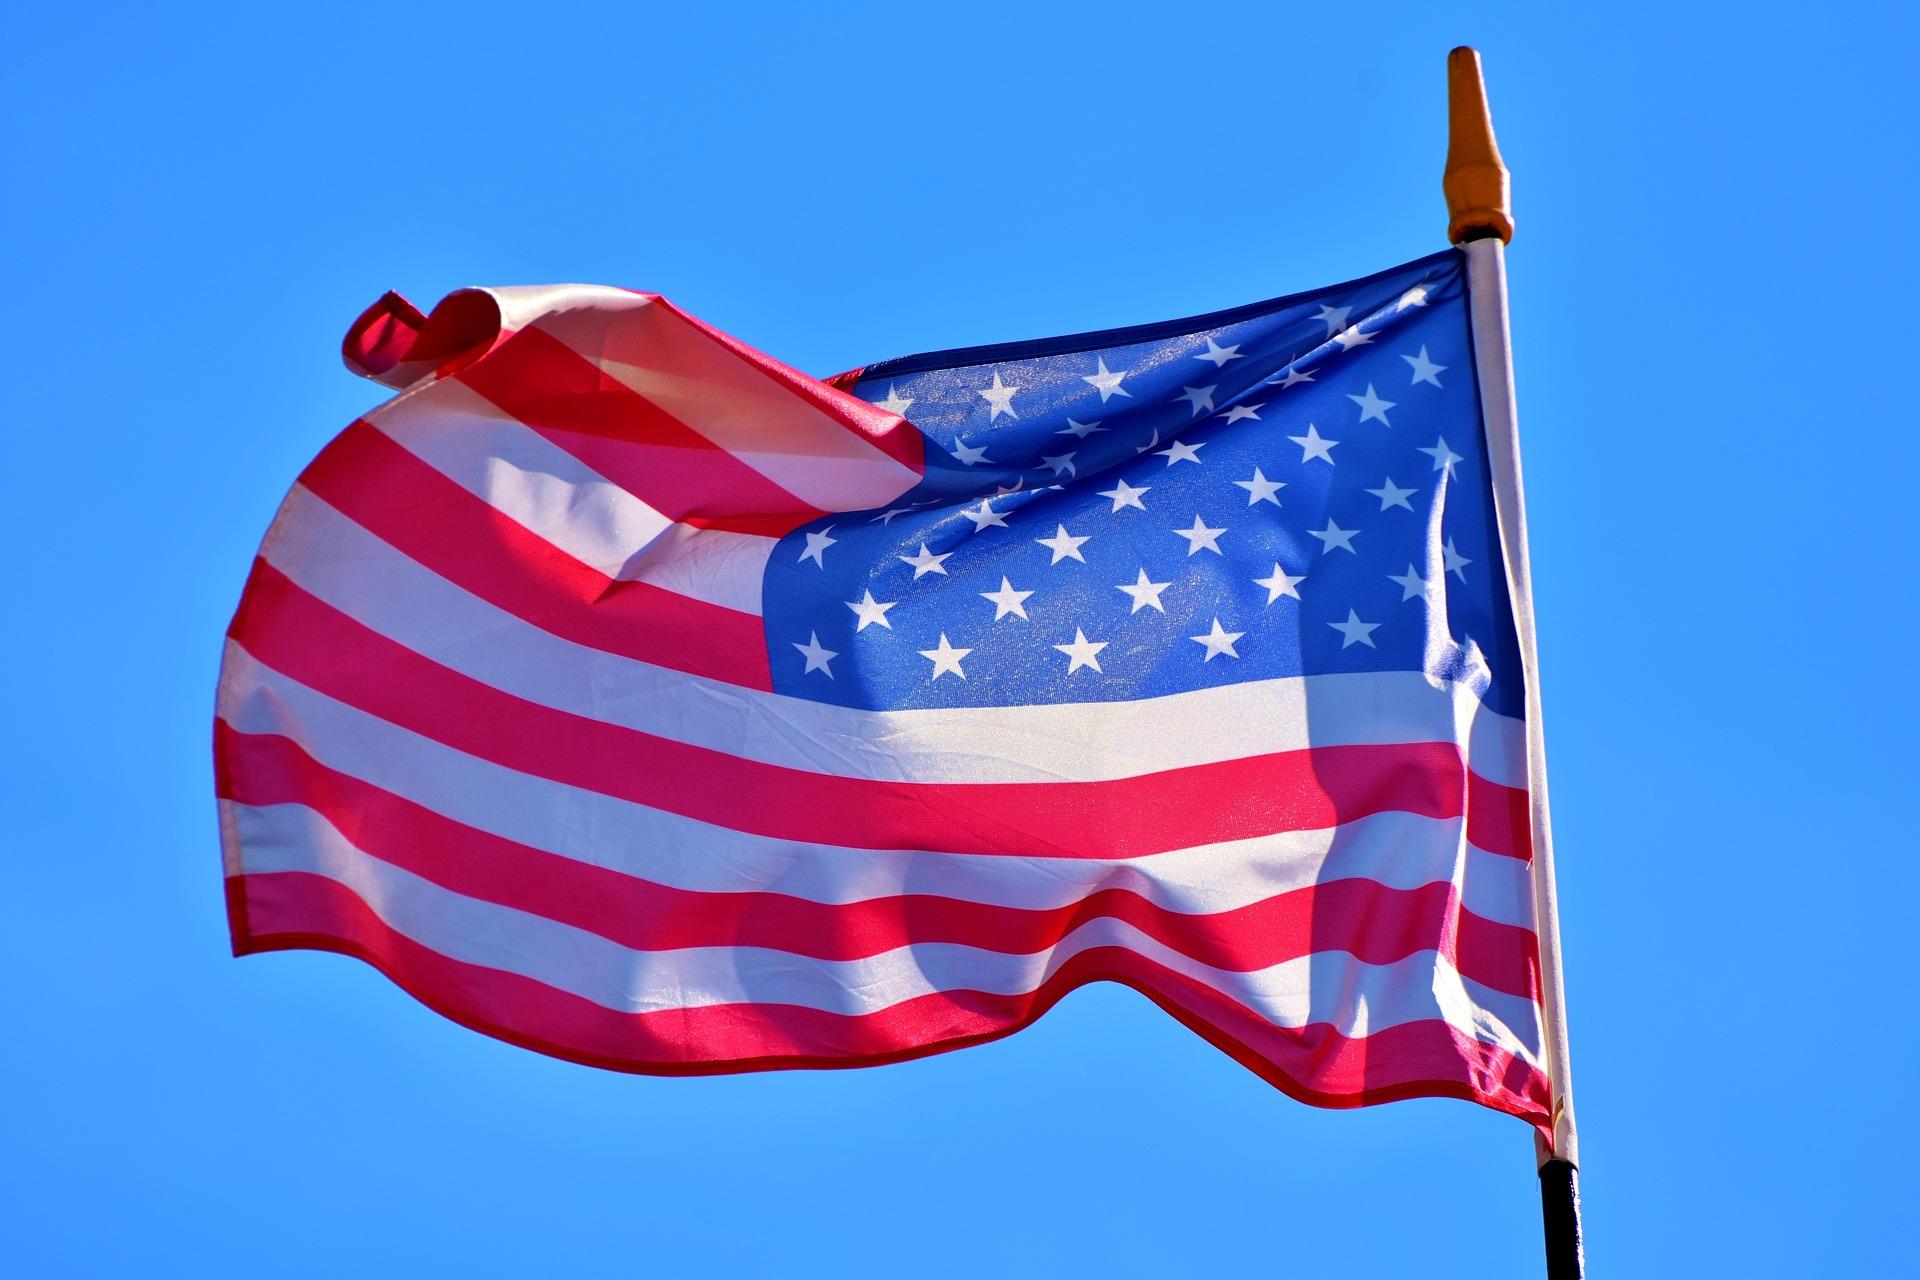 В МИД заявили, что РФ не оставит без ответа попытки 'освещения' Посольством США несанкционированных акций